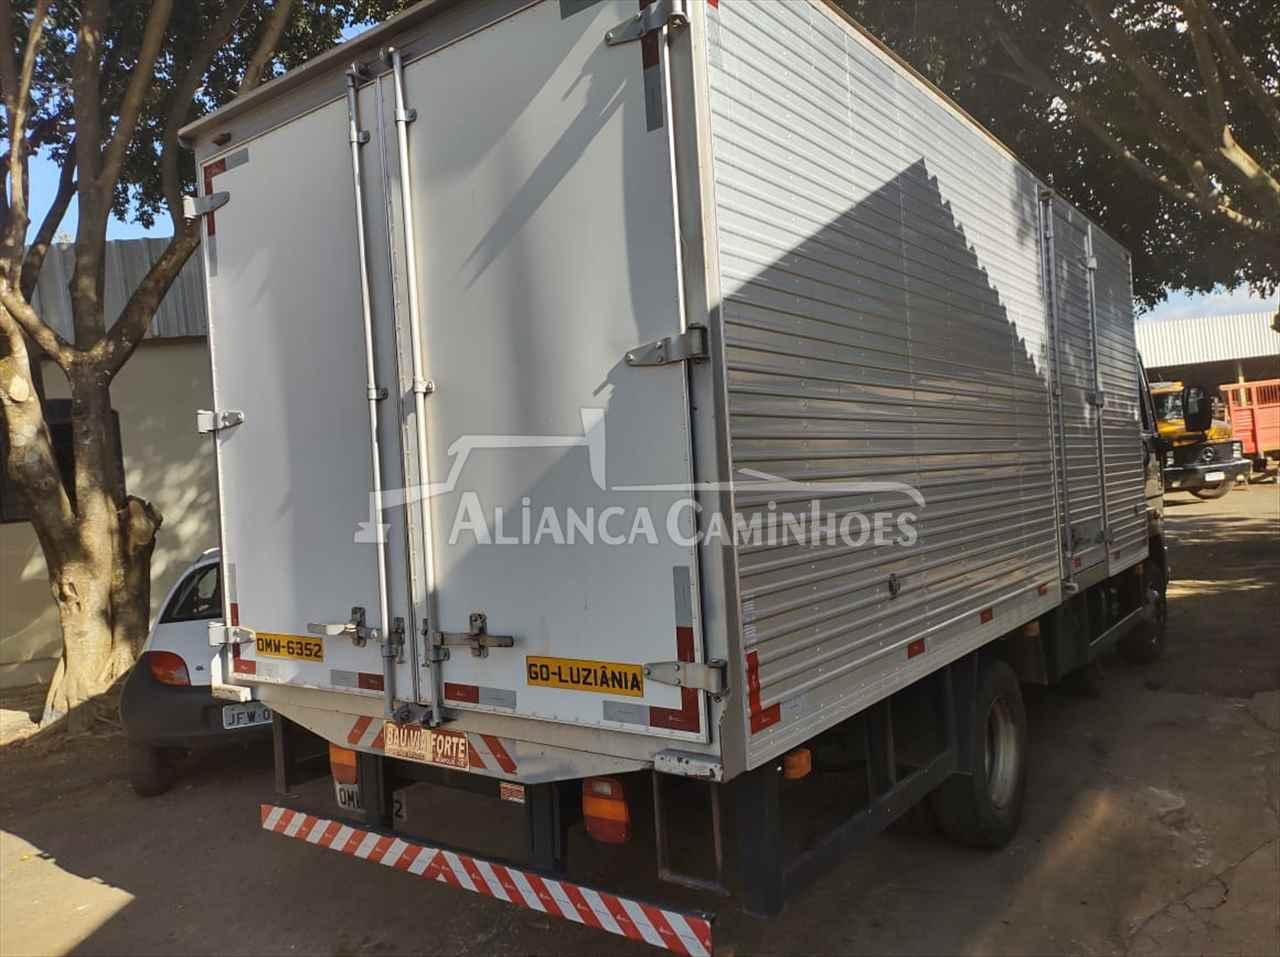 CARROCERIA SOBRE CHASSI  CAMINHAO 3/4 BAU FURGAO Aliança Caminhões LUIS EDUARDO MAGALHAES BAHIA BA